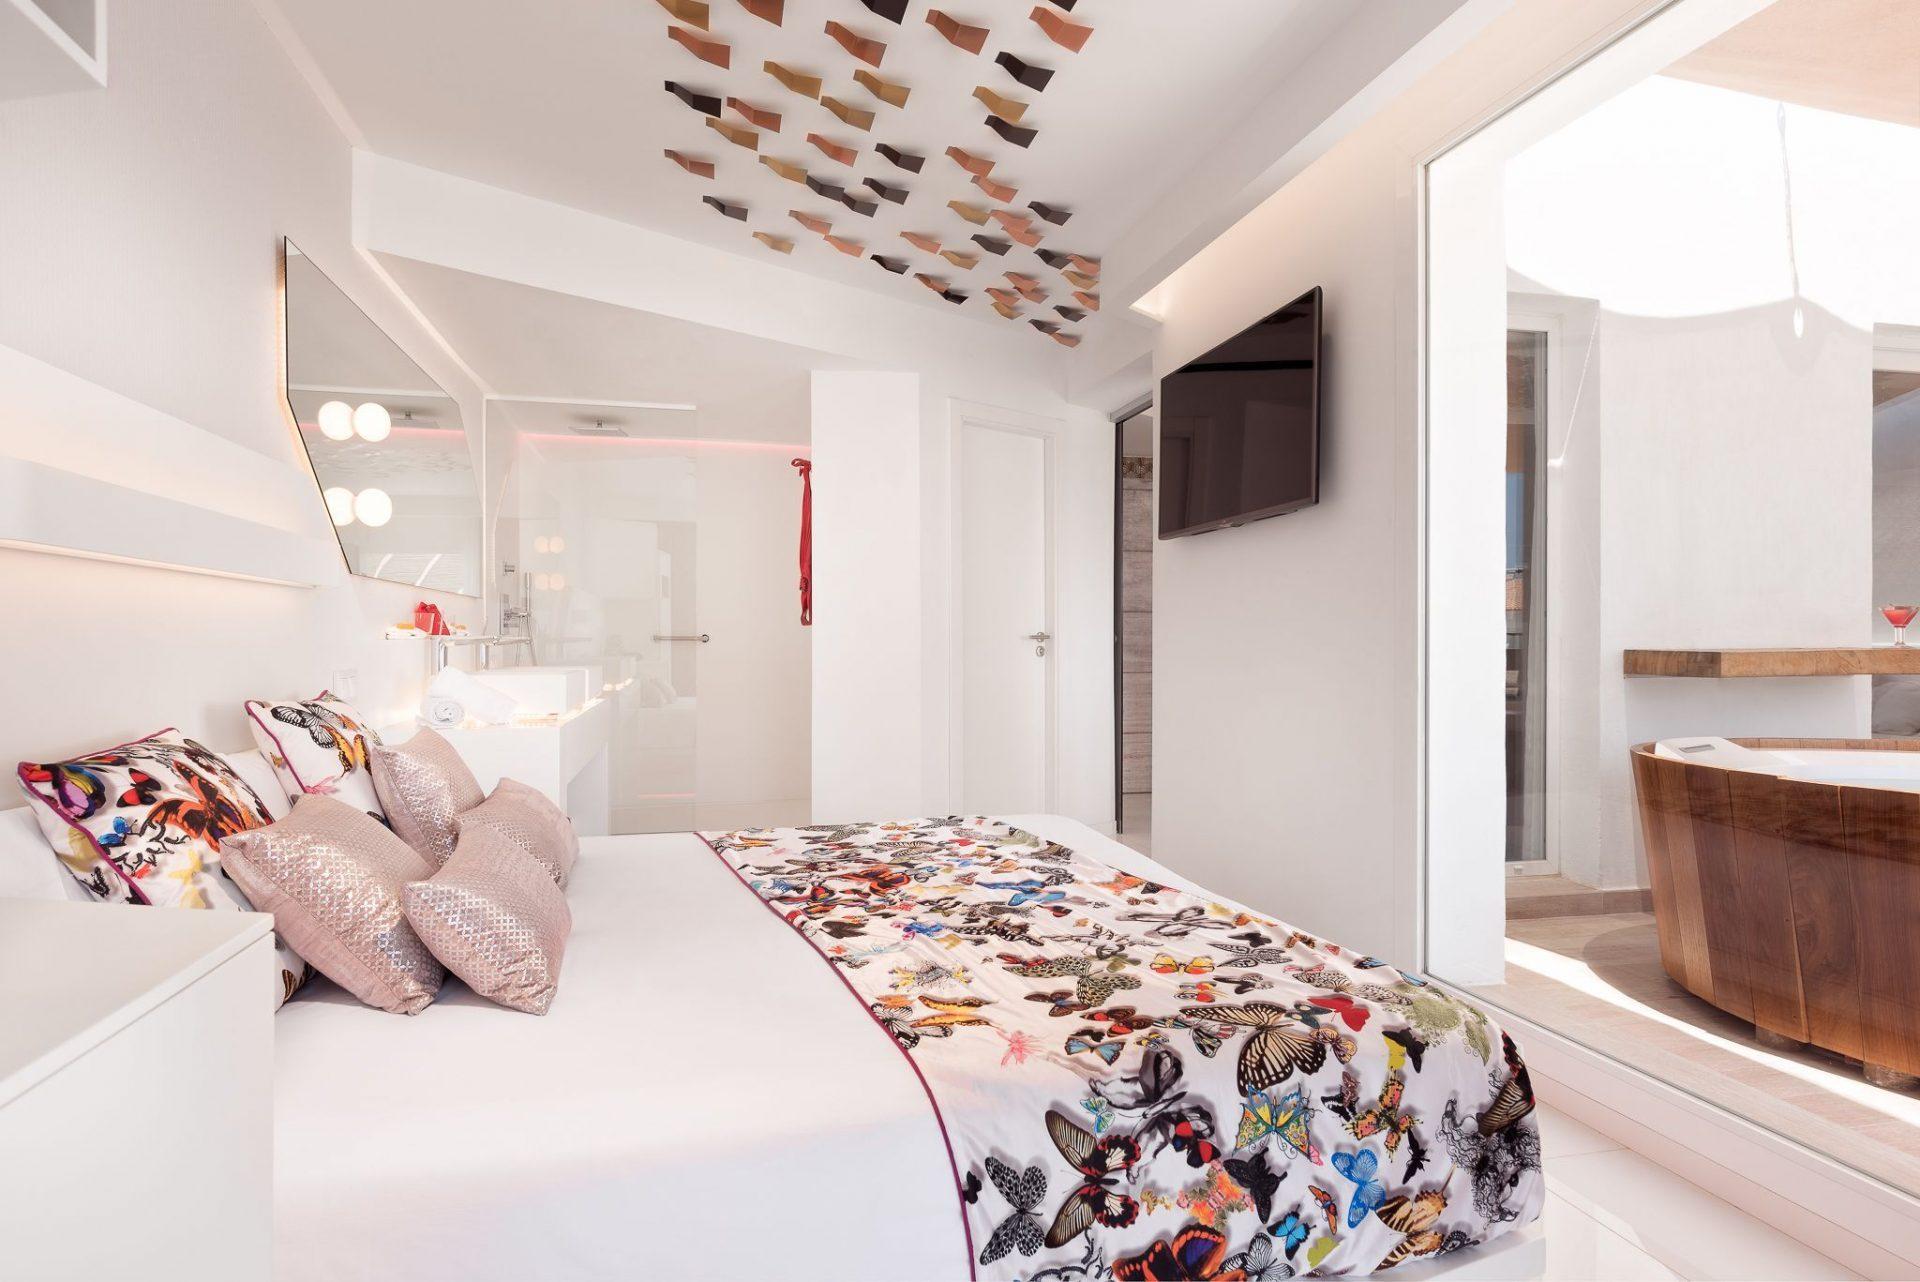 Ushuaia Hotel Ibiza BackStage Suite3